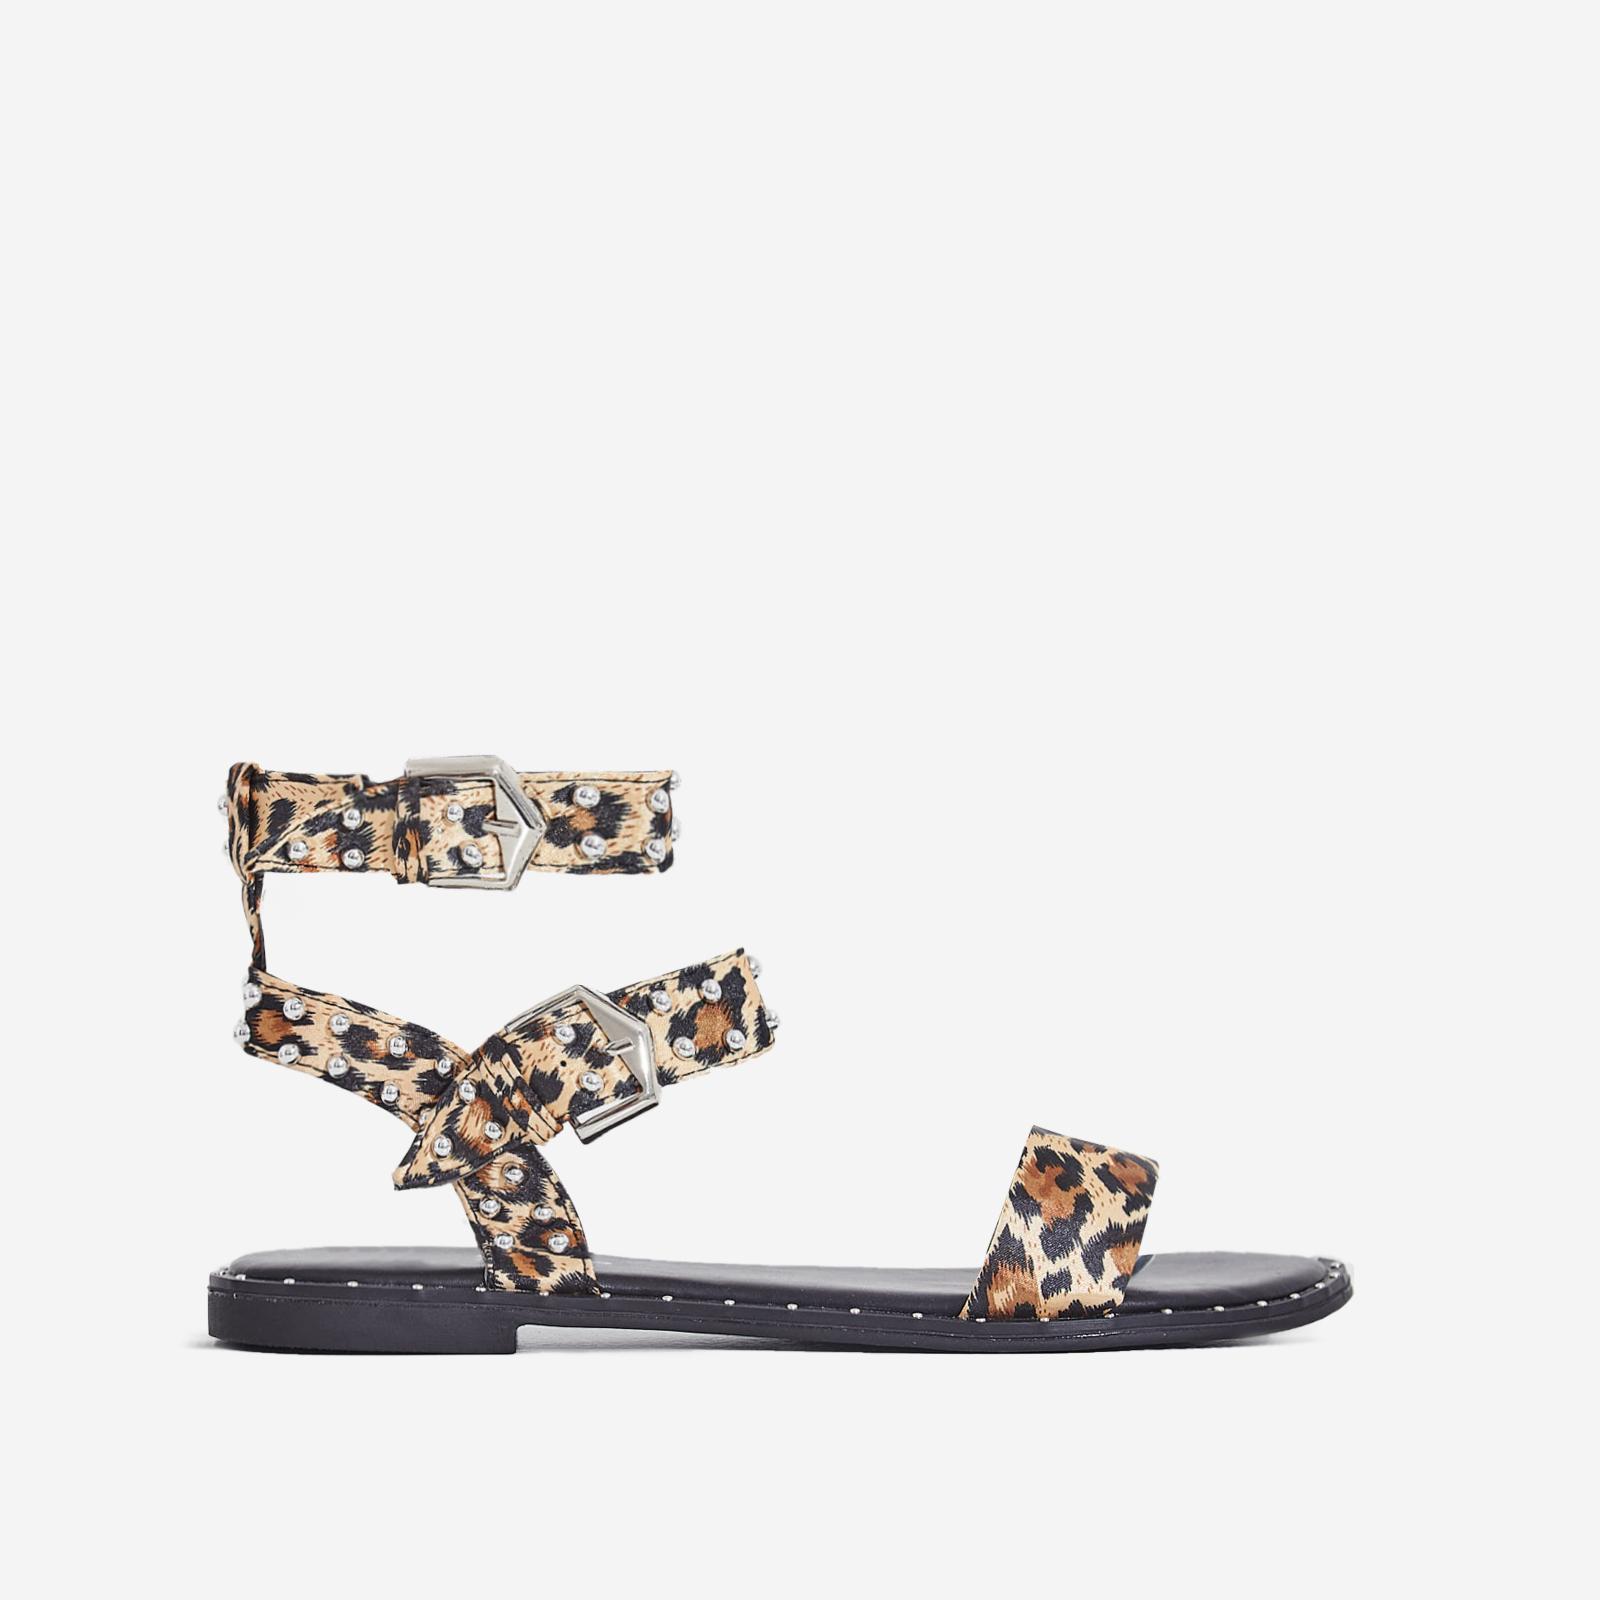 Claudia Studded Gladiator Sandal In Tan Leopard Print Satin